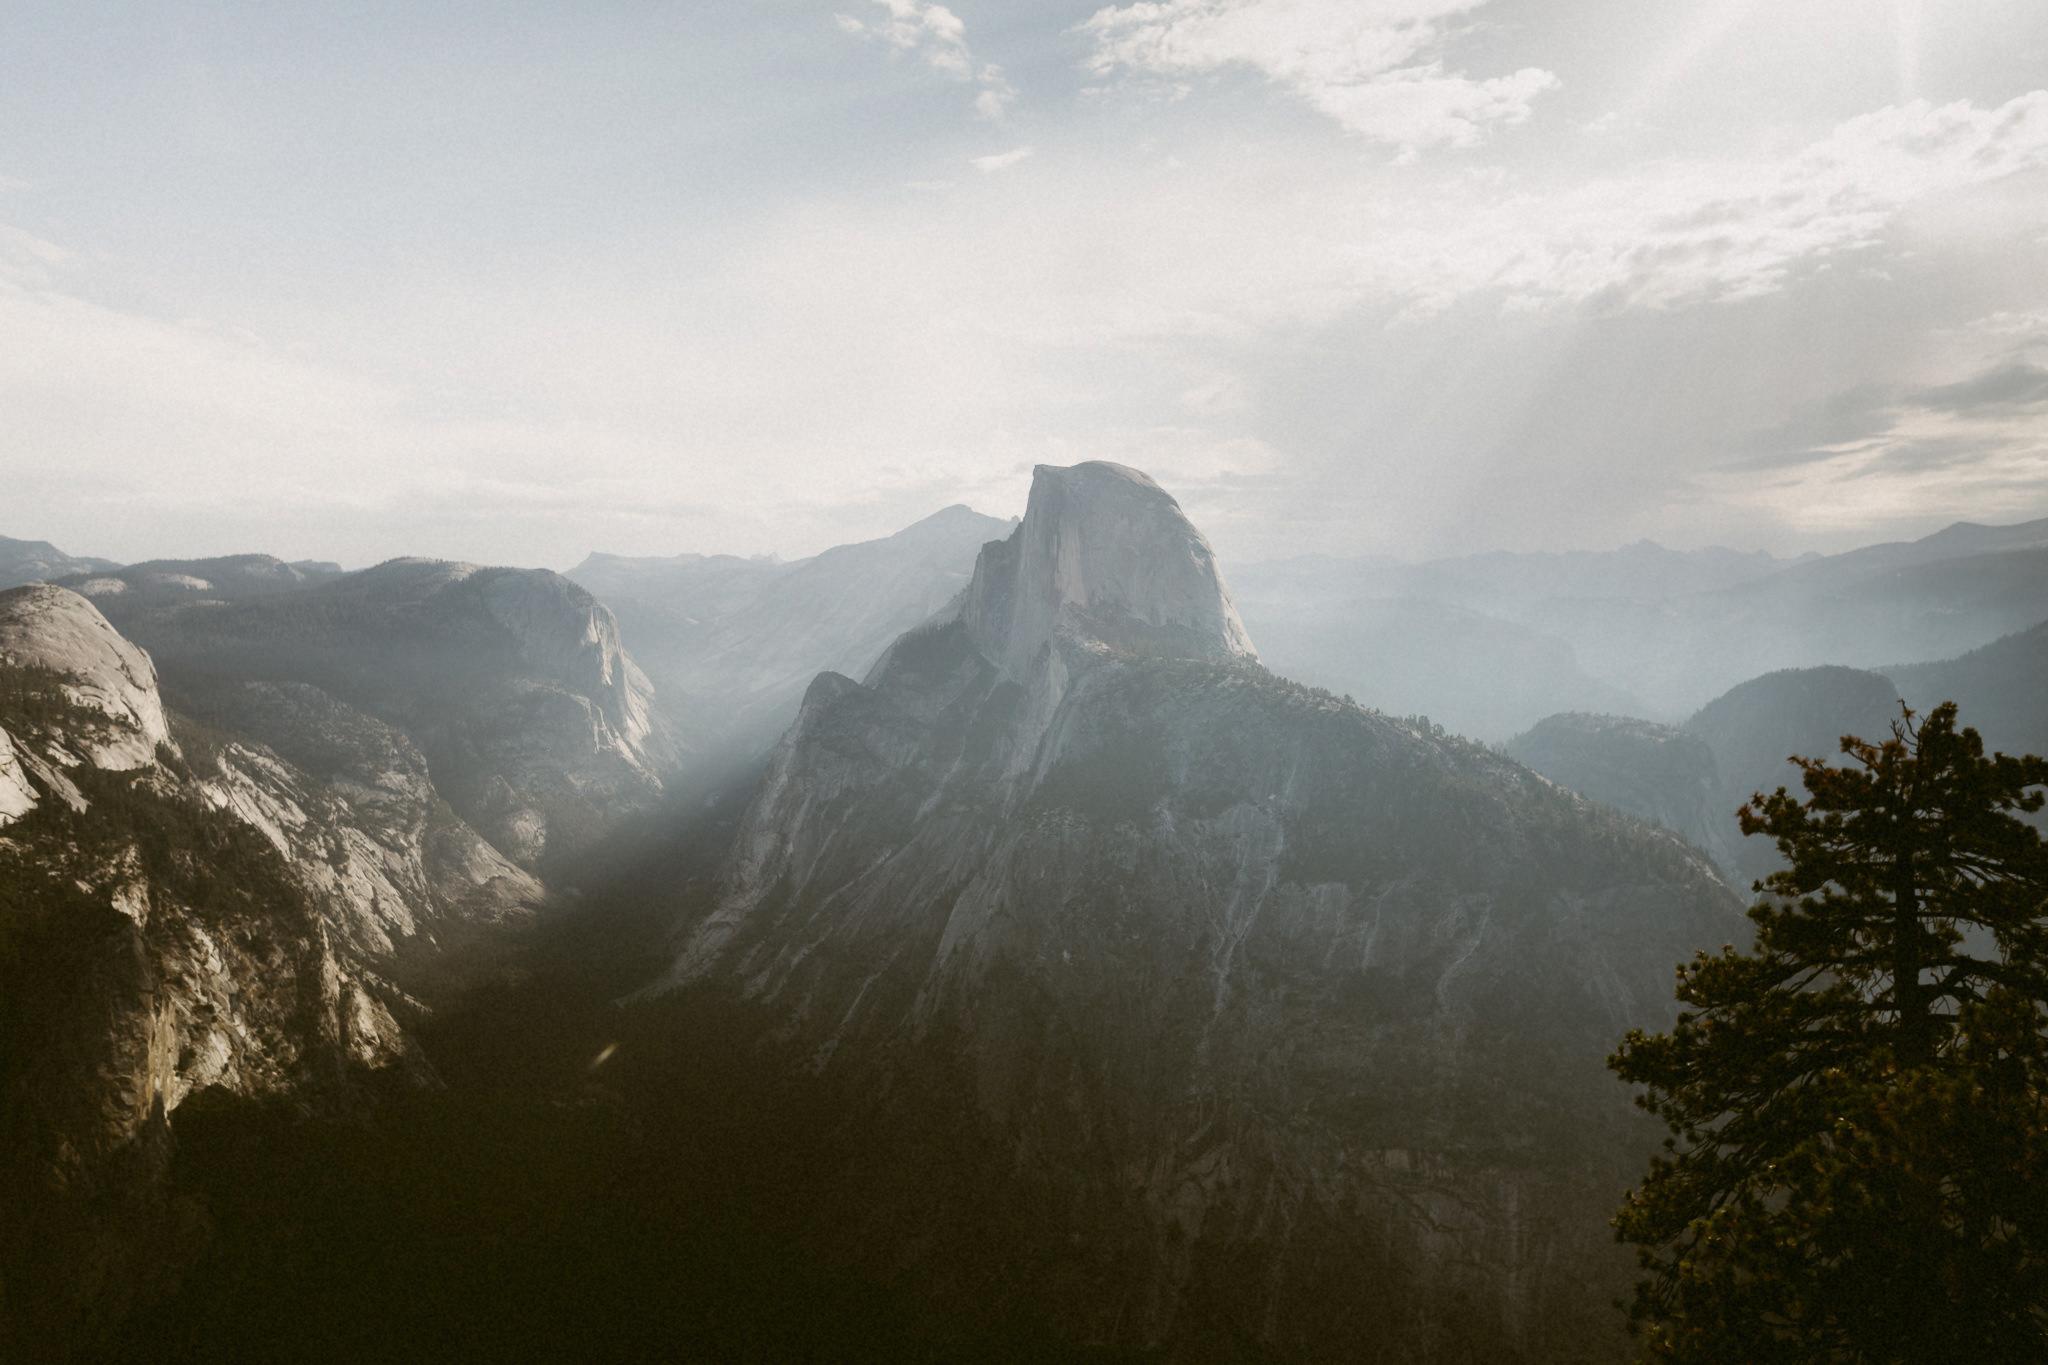 20160822_Yosemite_0453-Exposure.jpg